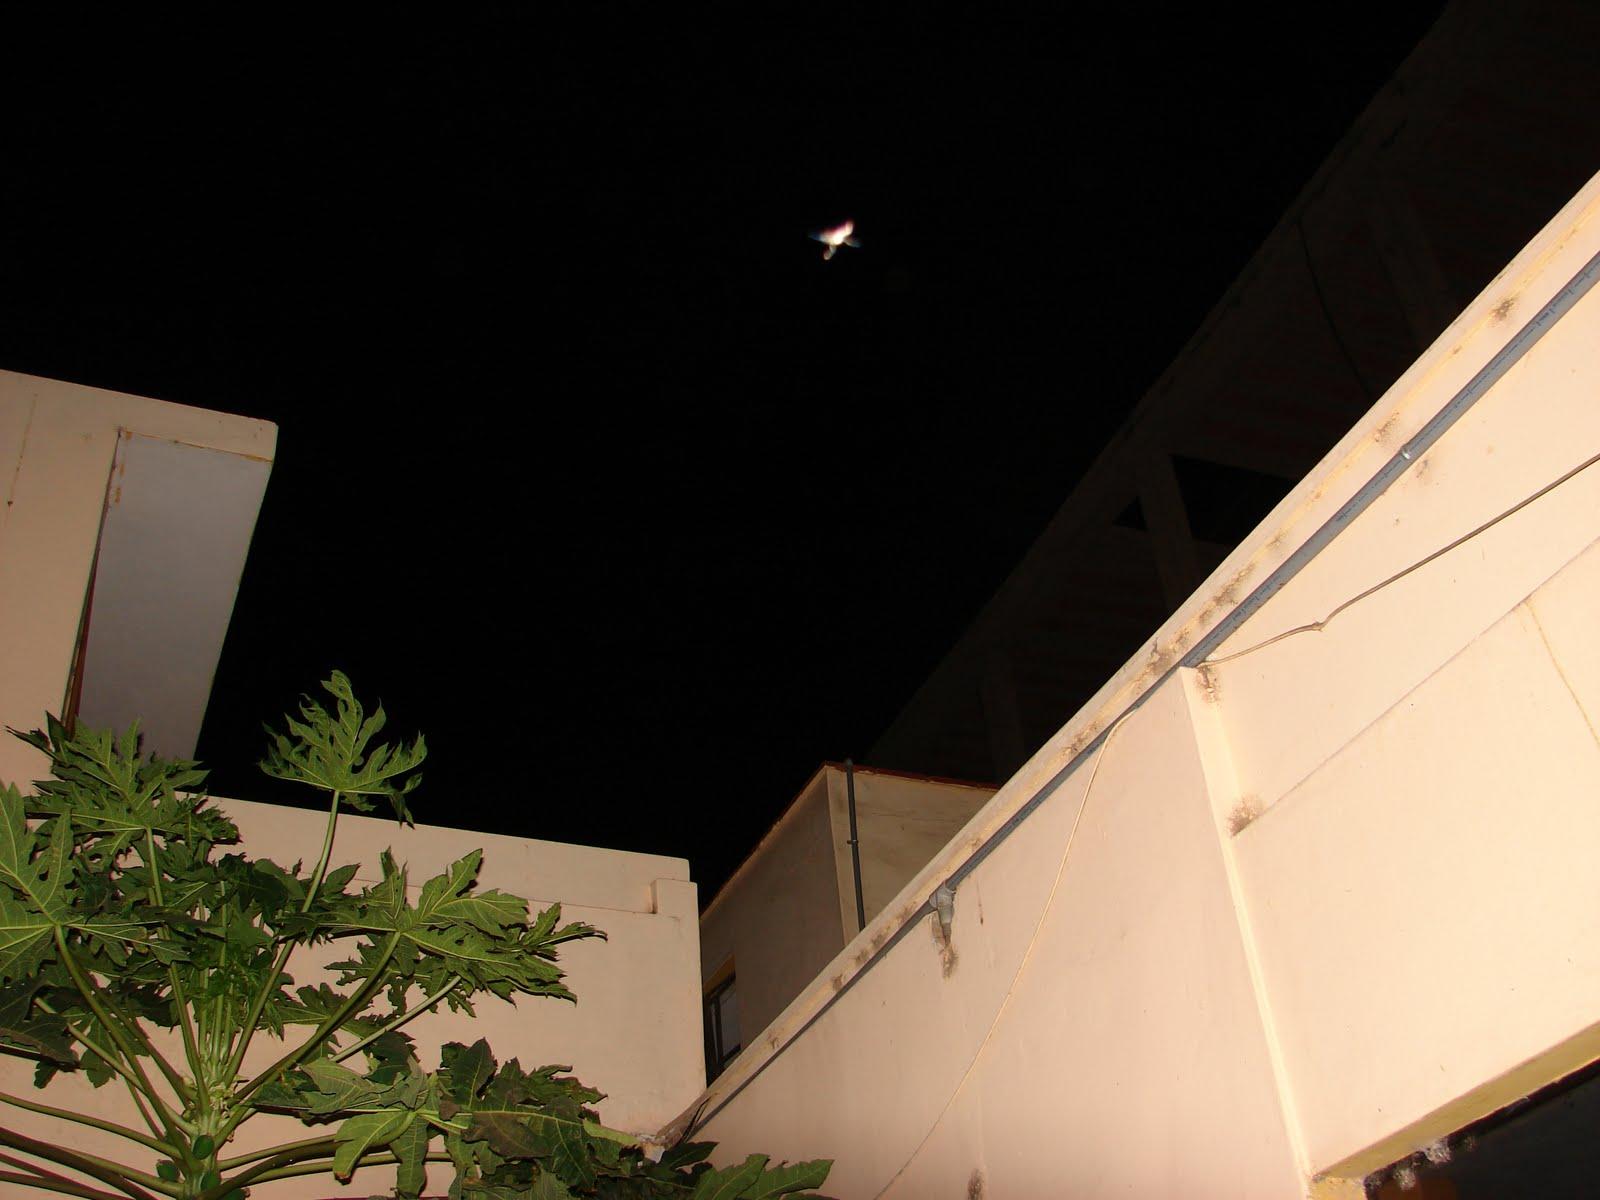 12-febrero-13-14-15...2011 super avistamiento hoy  noche sec...